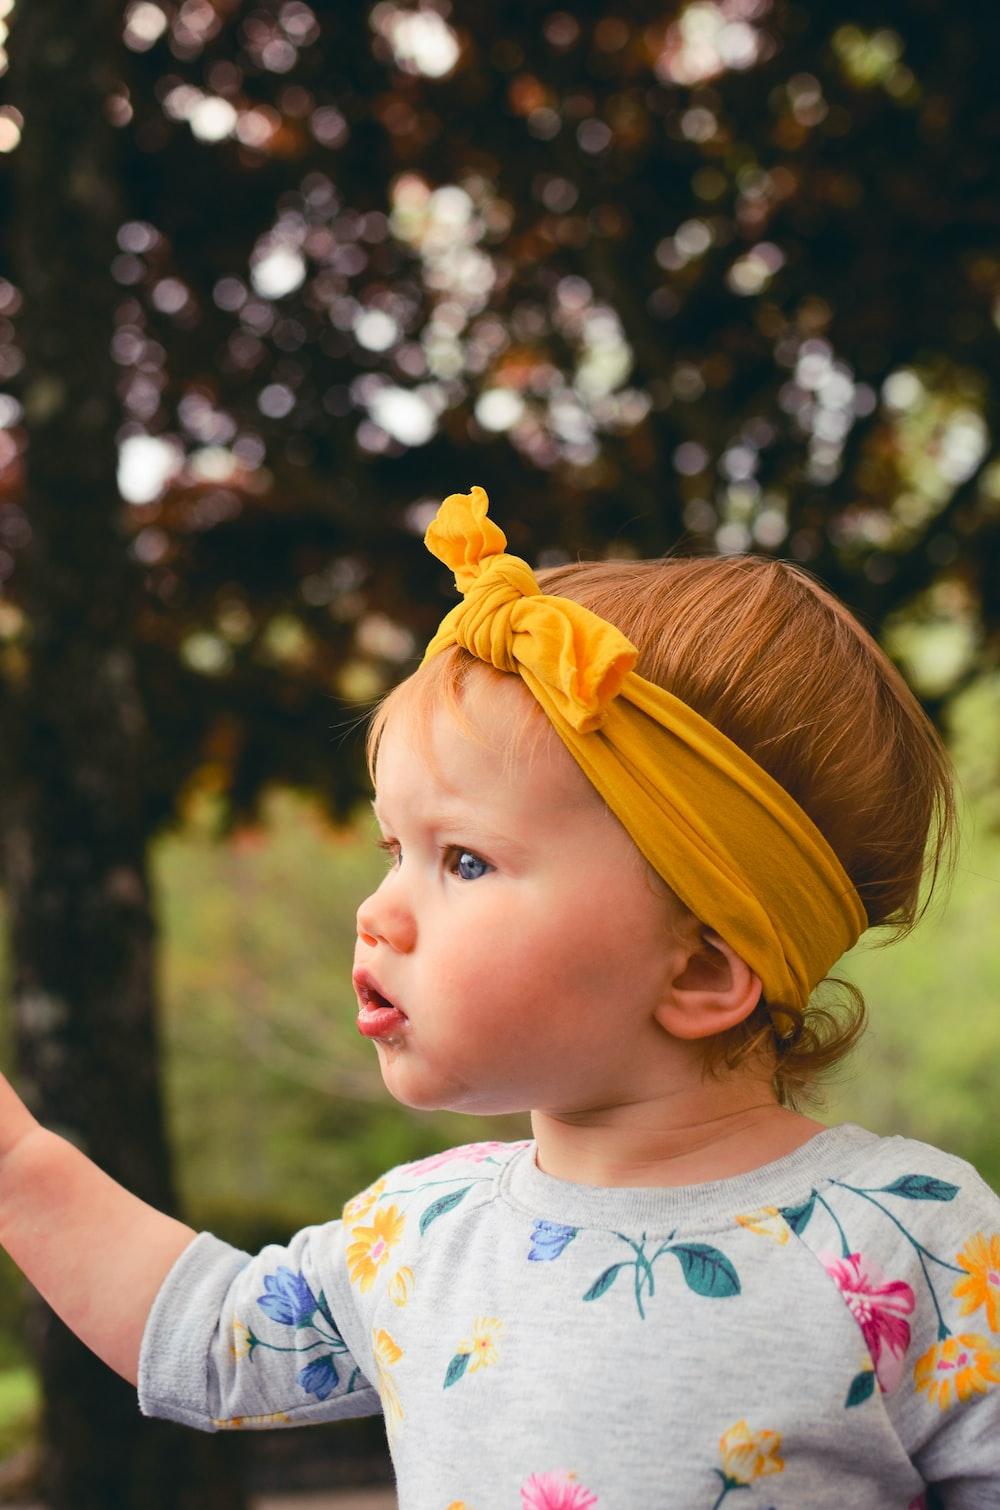 girl wearing gray shirt and yellow headband